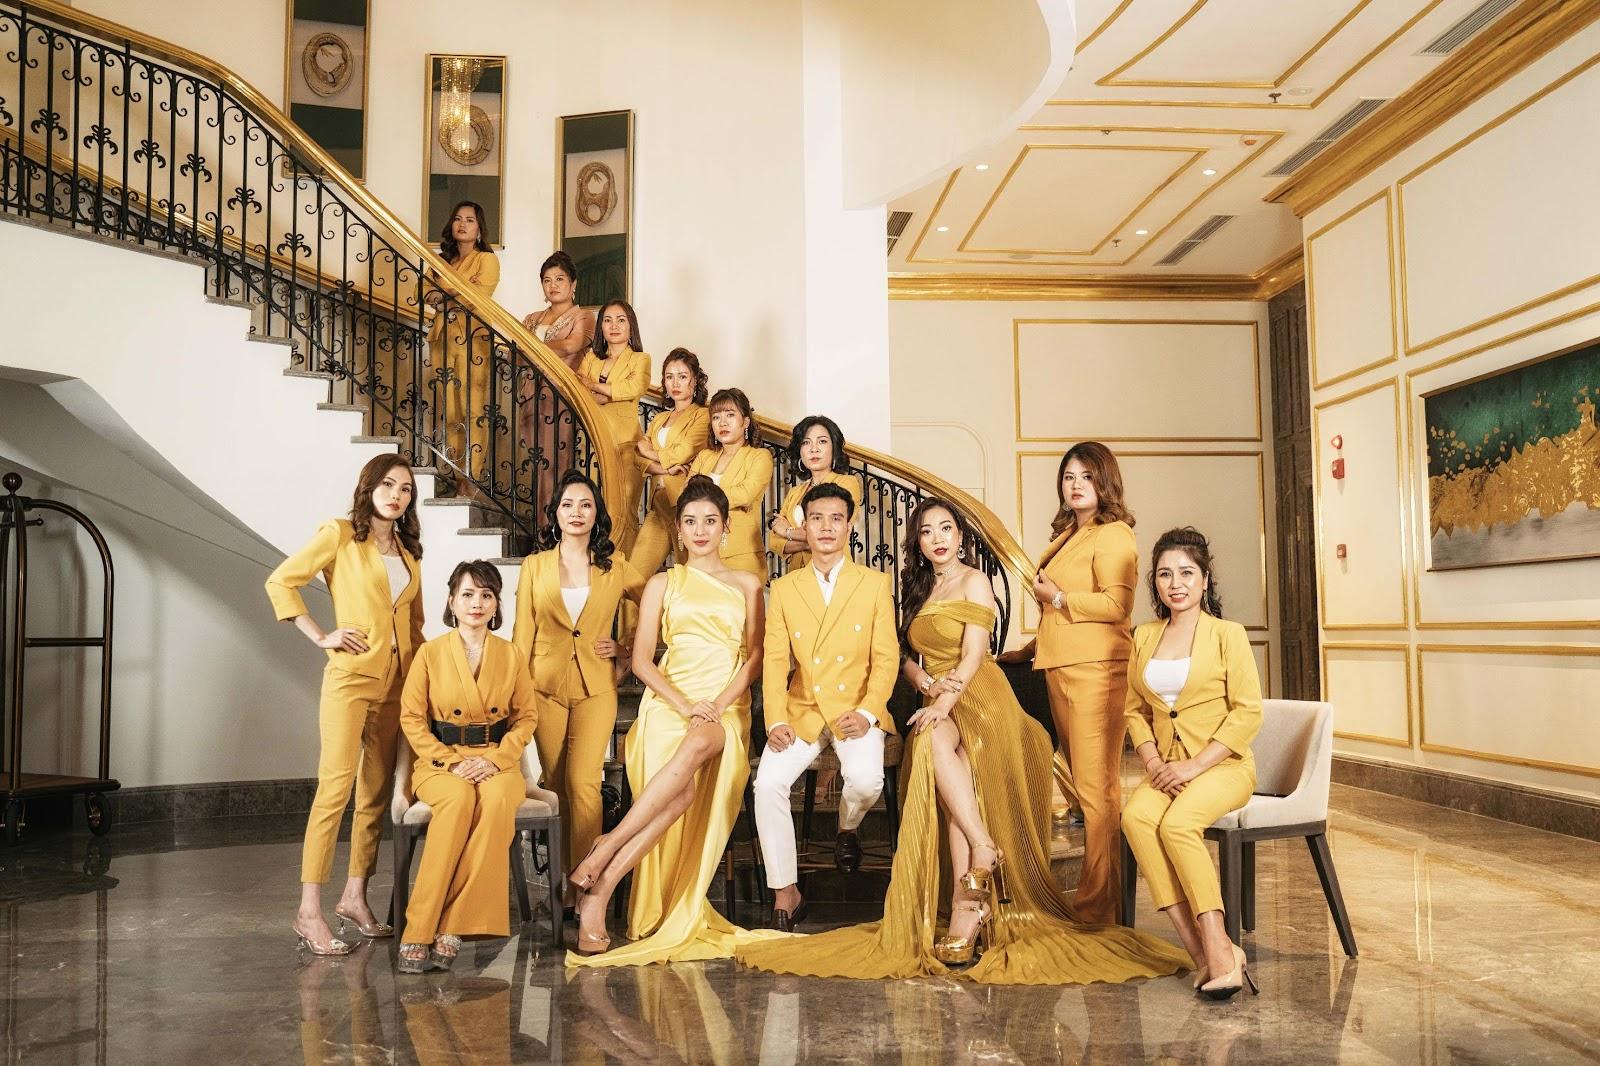 Á hậu Huyền My và dàn thủ lĩnh của Linh Nham Group - Ảnh 5